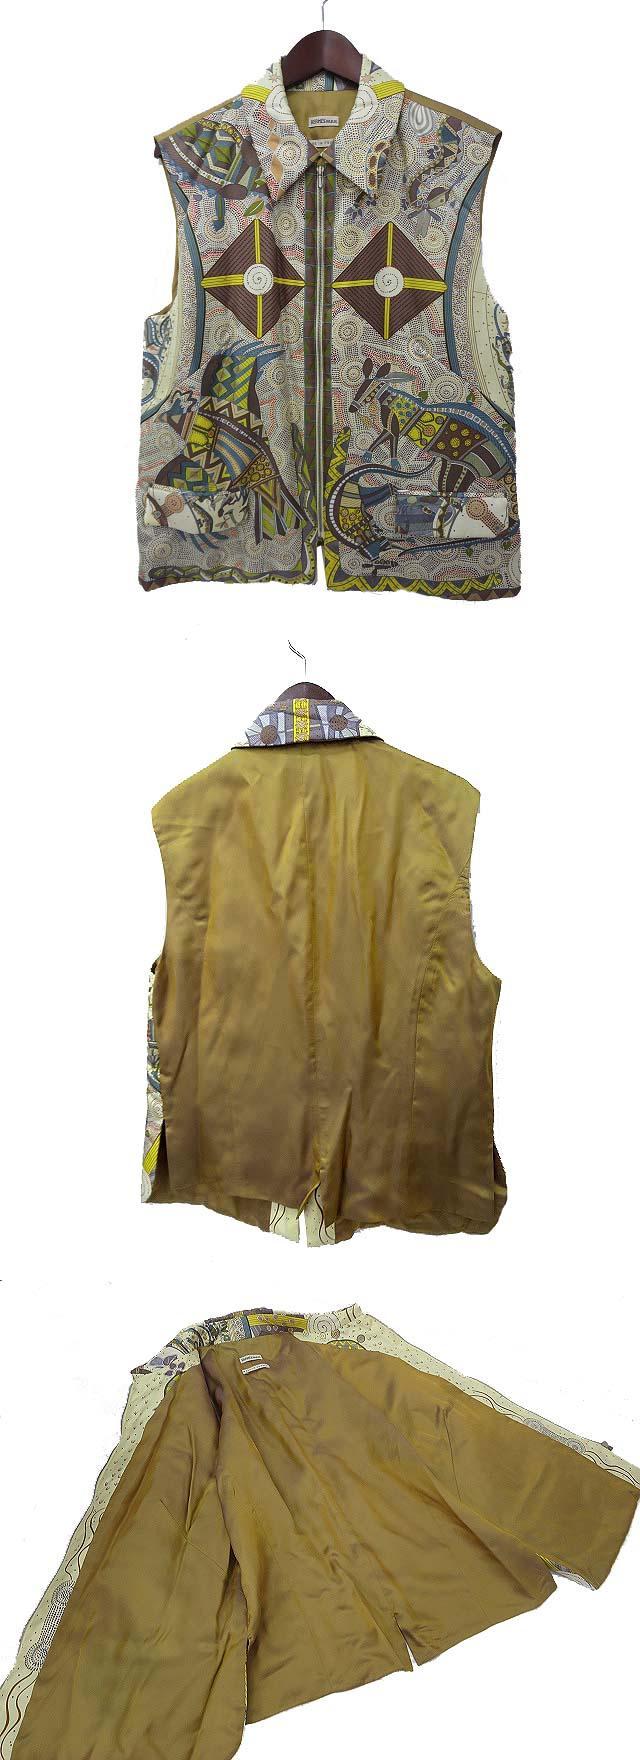 HERMES エルメス REVE D'AUSTRALIE オーストラリアの夢 スカーフ柄 プリント切替 ジップアップ シルク 中綿 ベスト 42 マルチカラー イエロー系